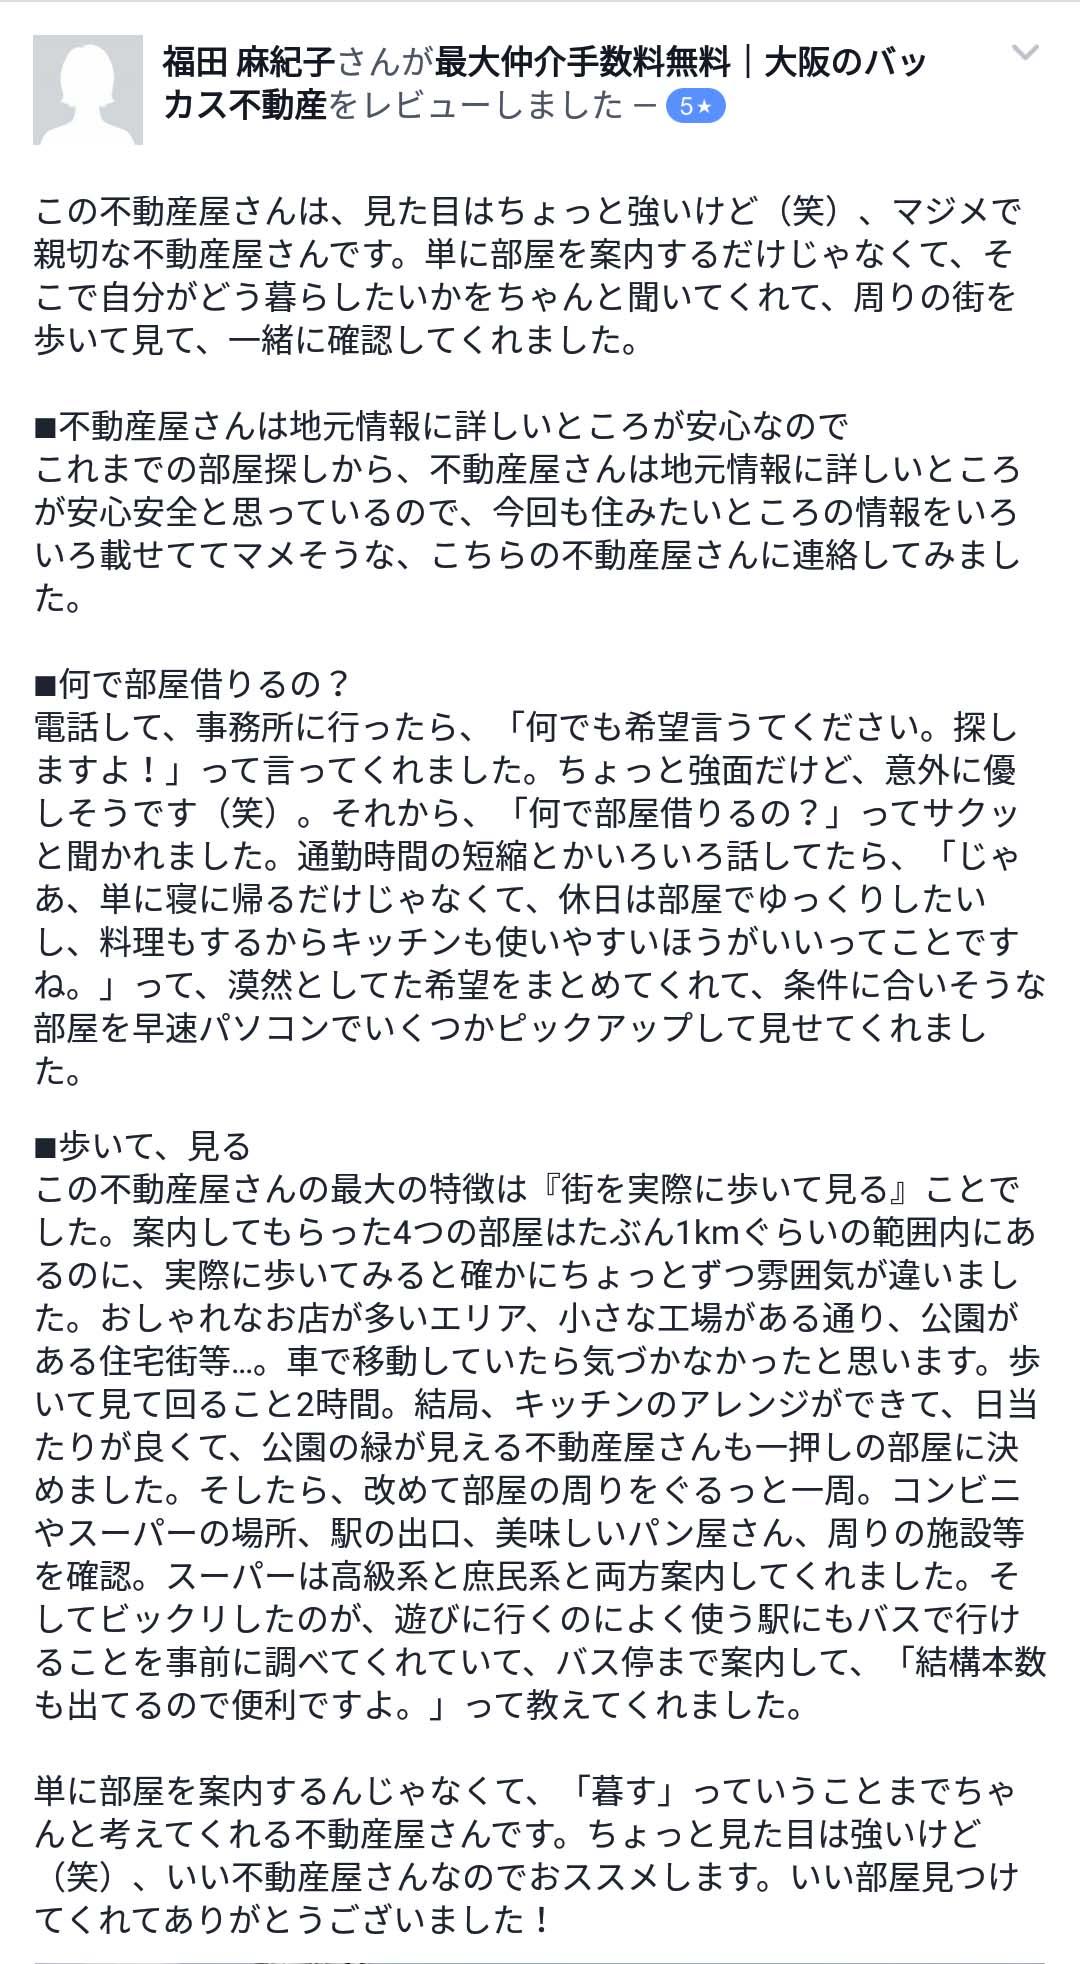 福田麻紀子様のレビュー